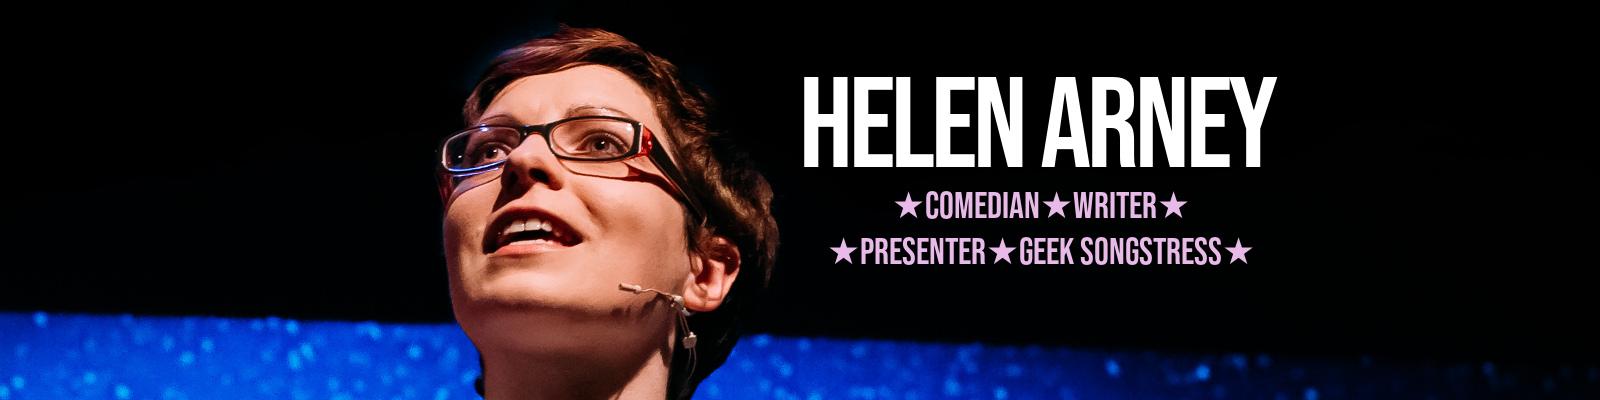 Helen Arney: Comedian. Writer. Presenter. Geek Songstress.